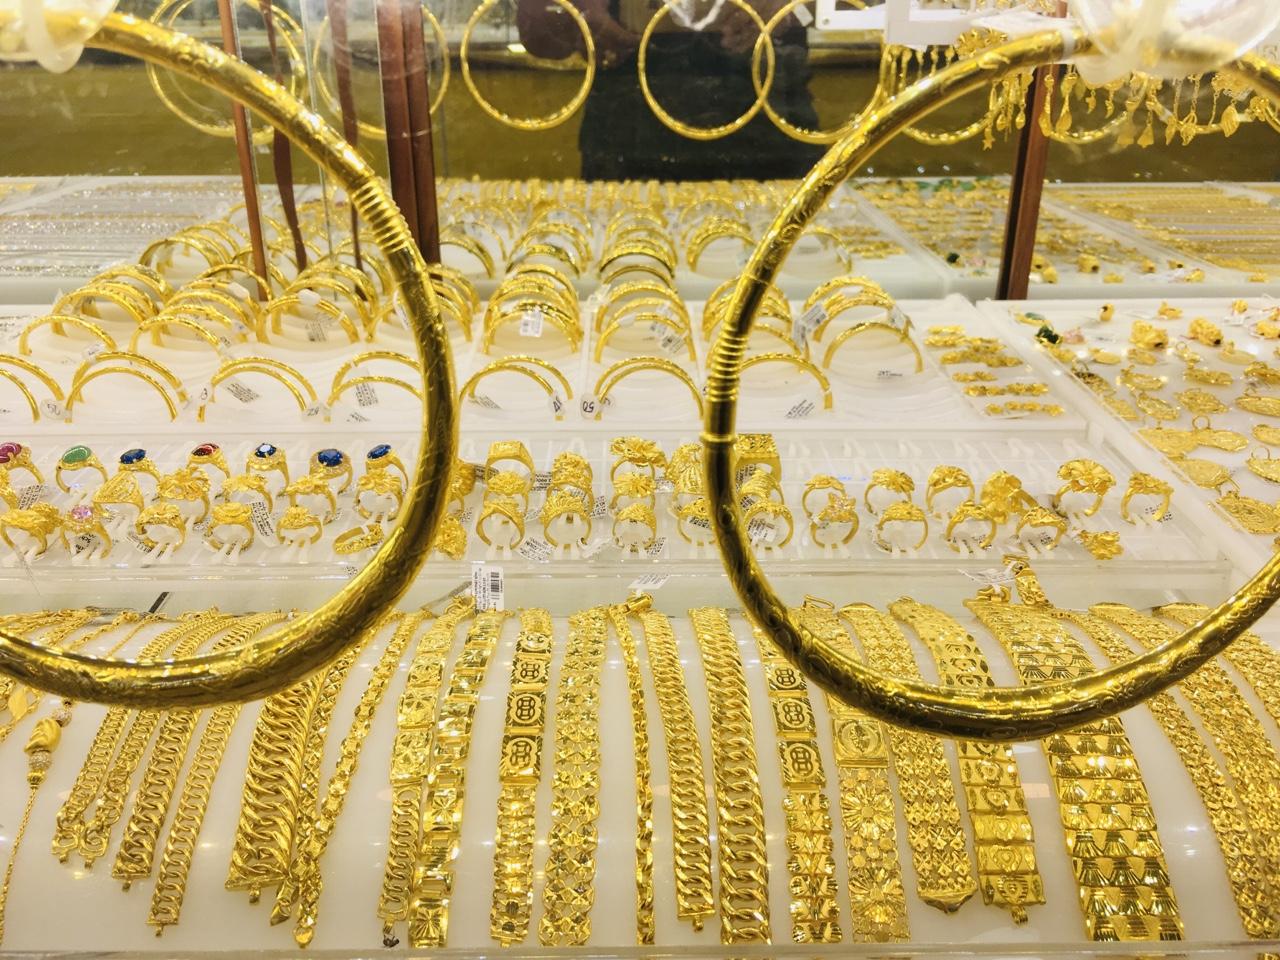 Giá vàng SJC tăng hơn 28% trong năm 2020 - Ảnh 1.